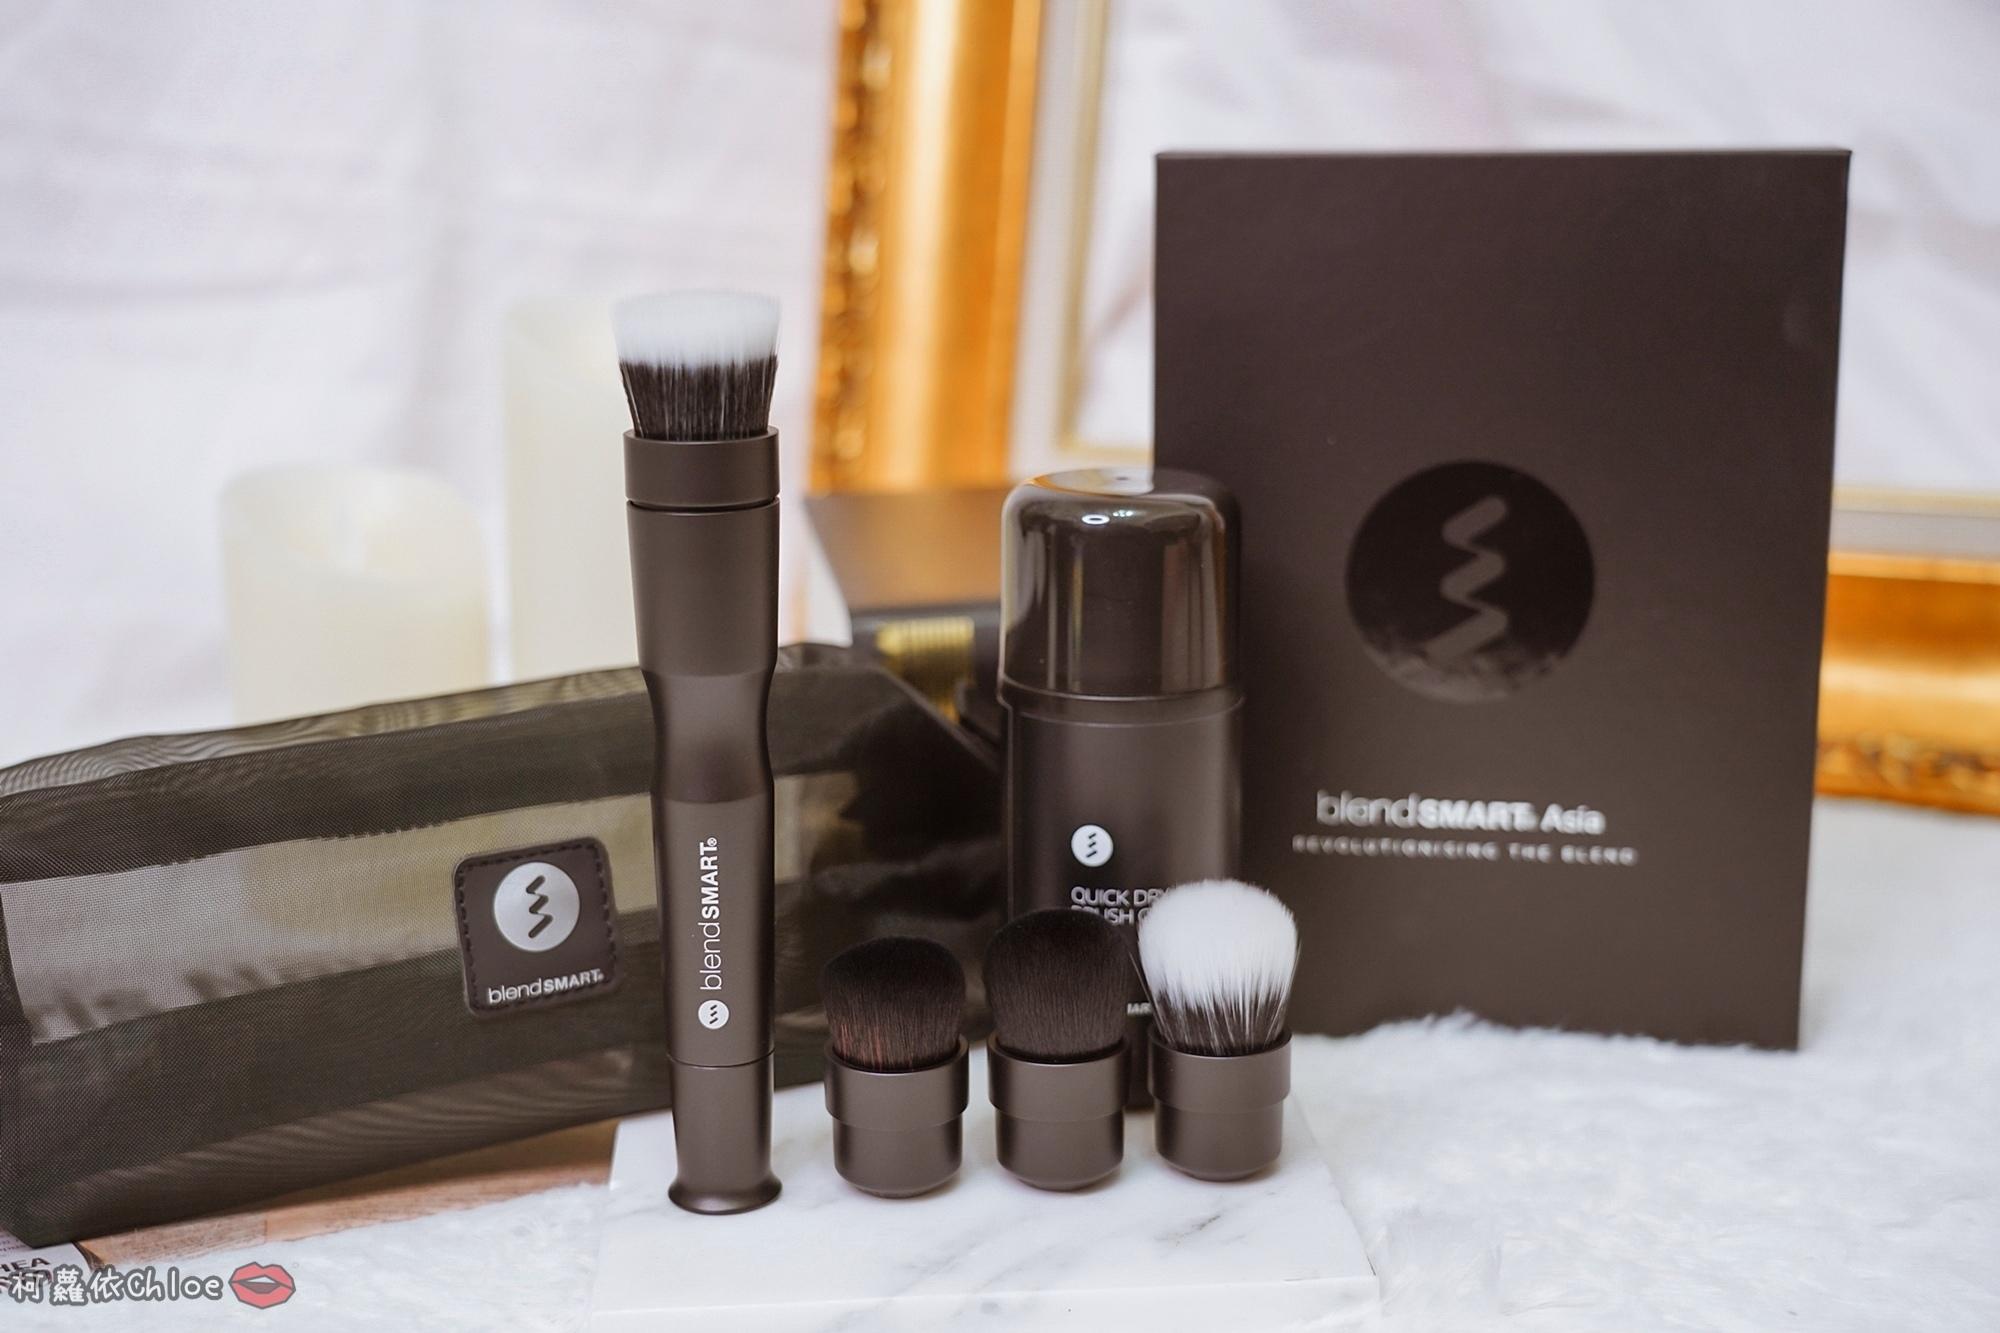 彩妝工具推薦 blendSMART電動化妝刷 達人套裝開箱 上妝輕柔更有效率9.jpg